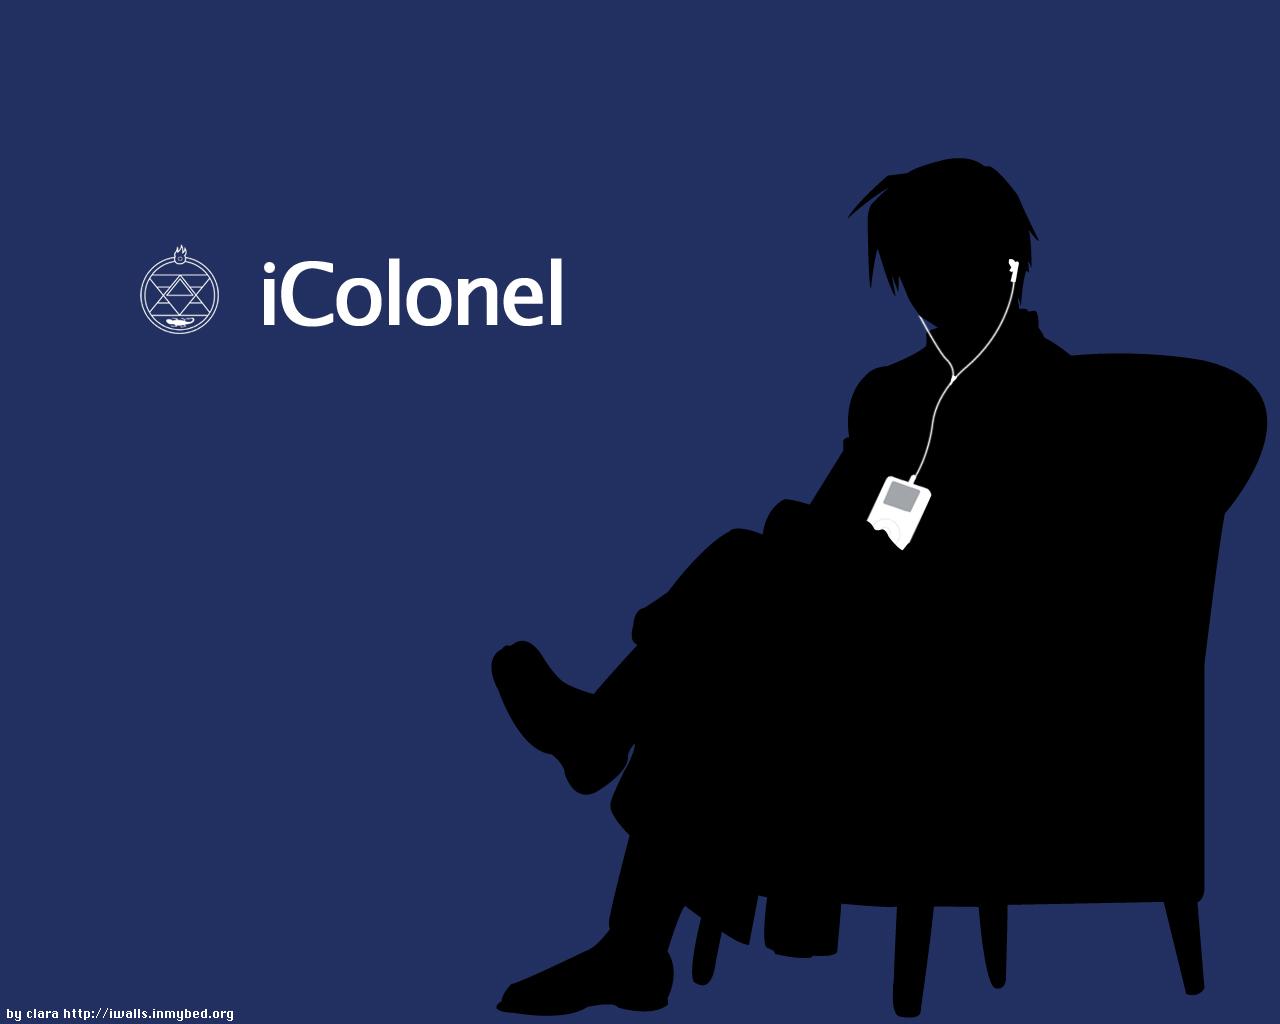 icolonel.jpg